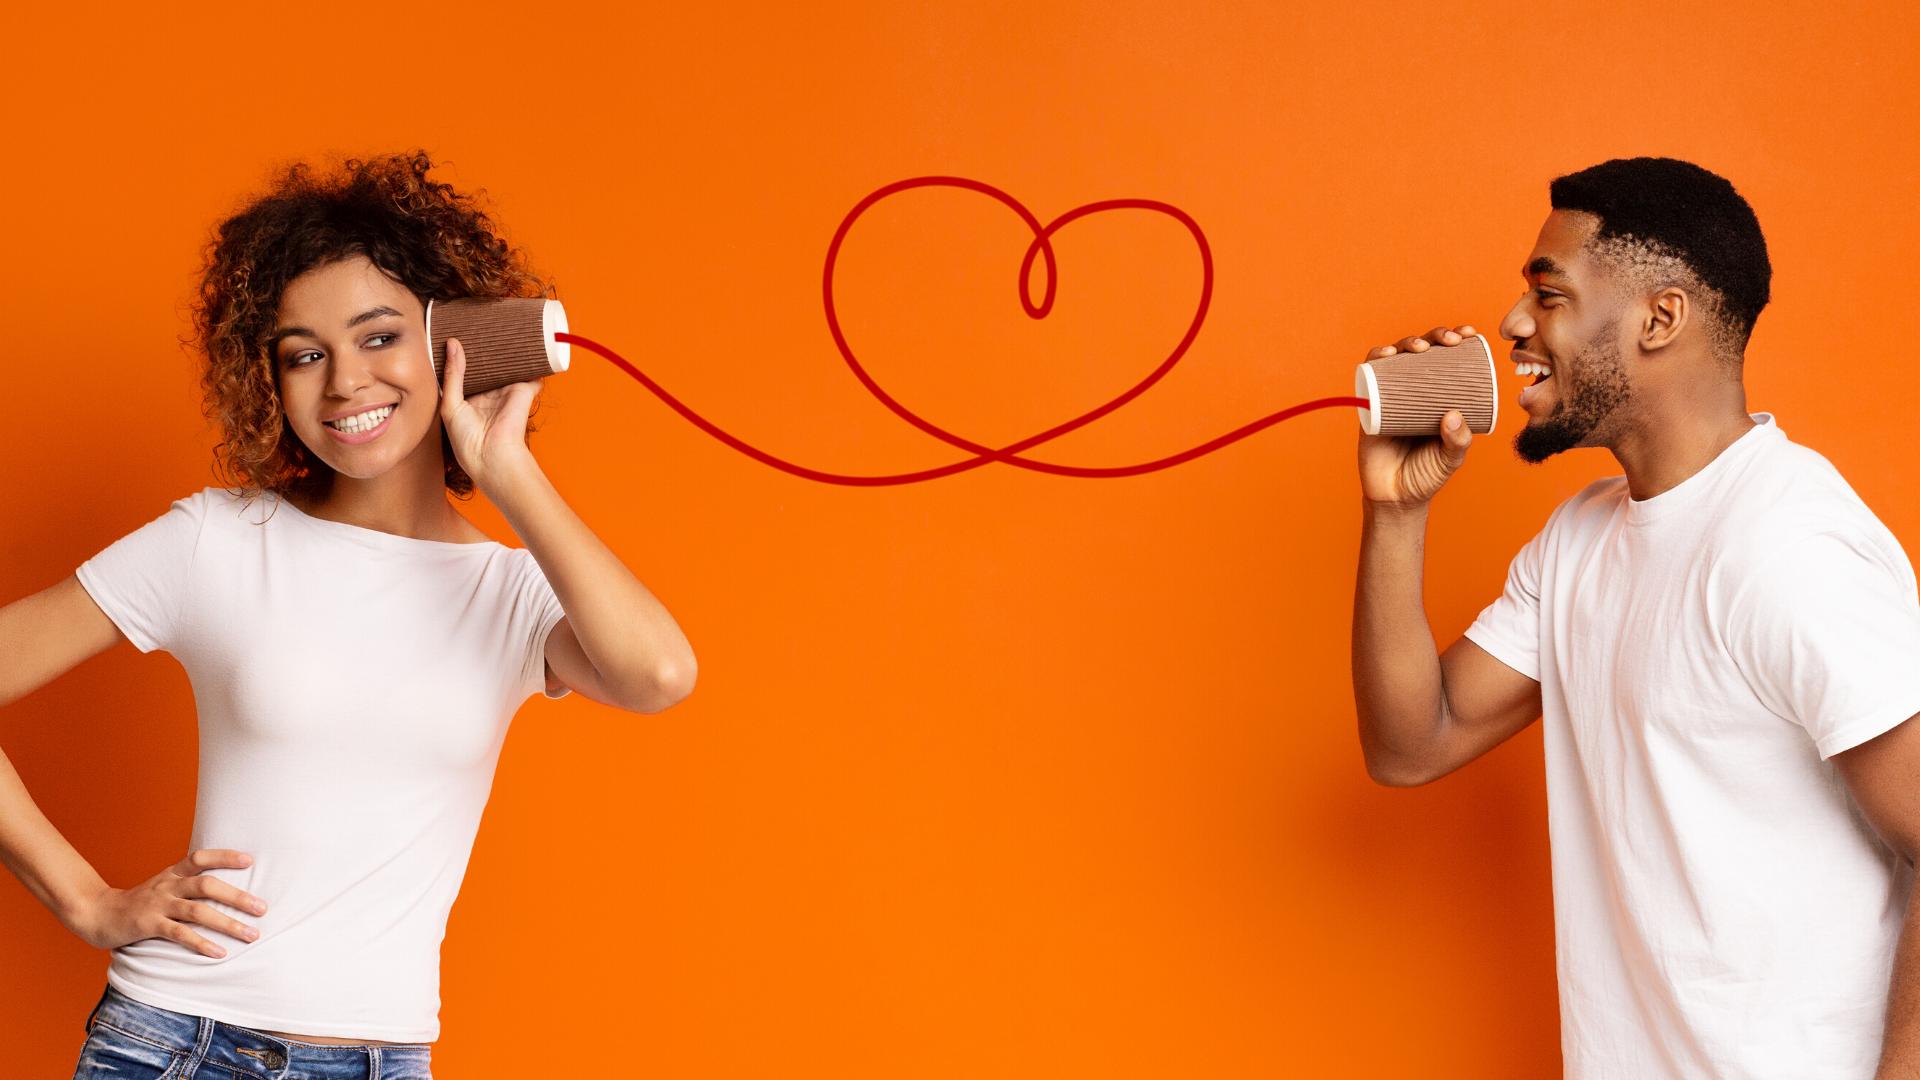 la comunicación: la clave en las relaciones de pareja